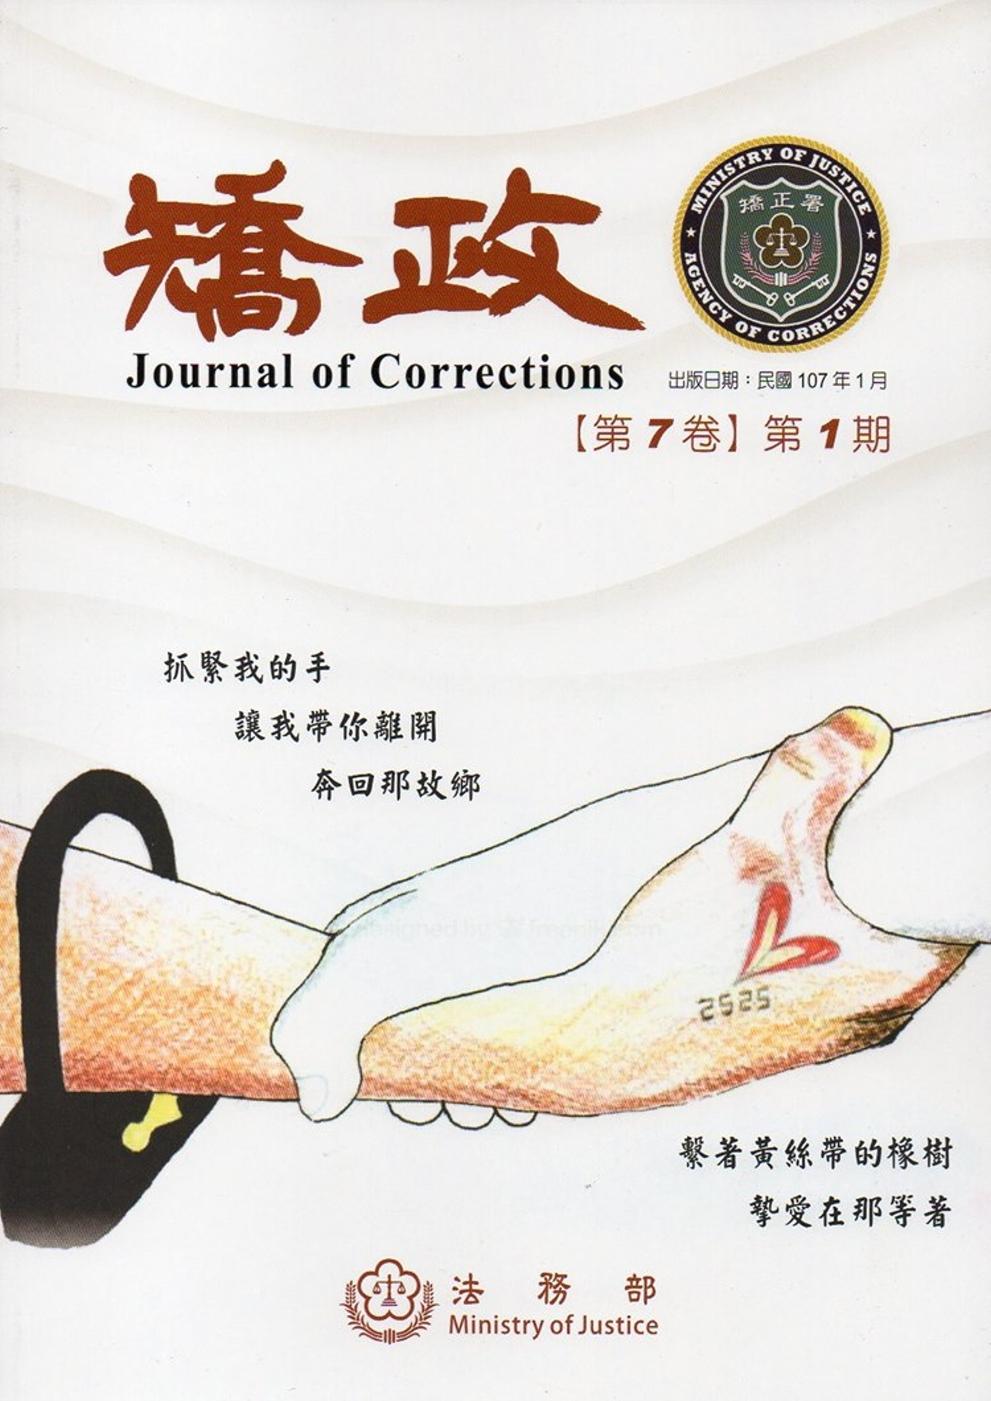 《矯政第7卷第1期(107.1)》